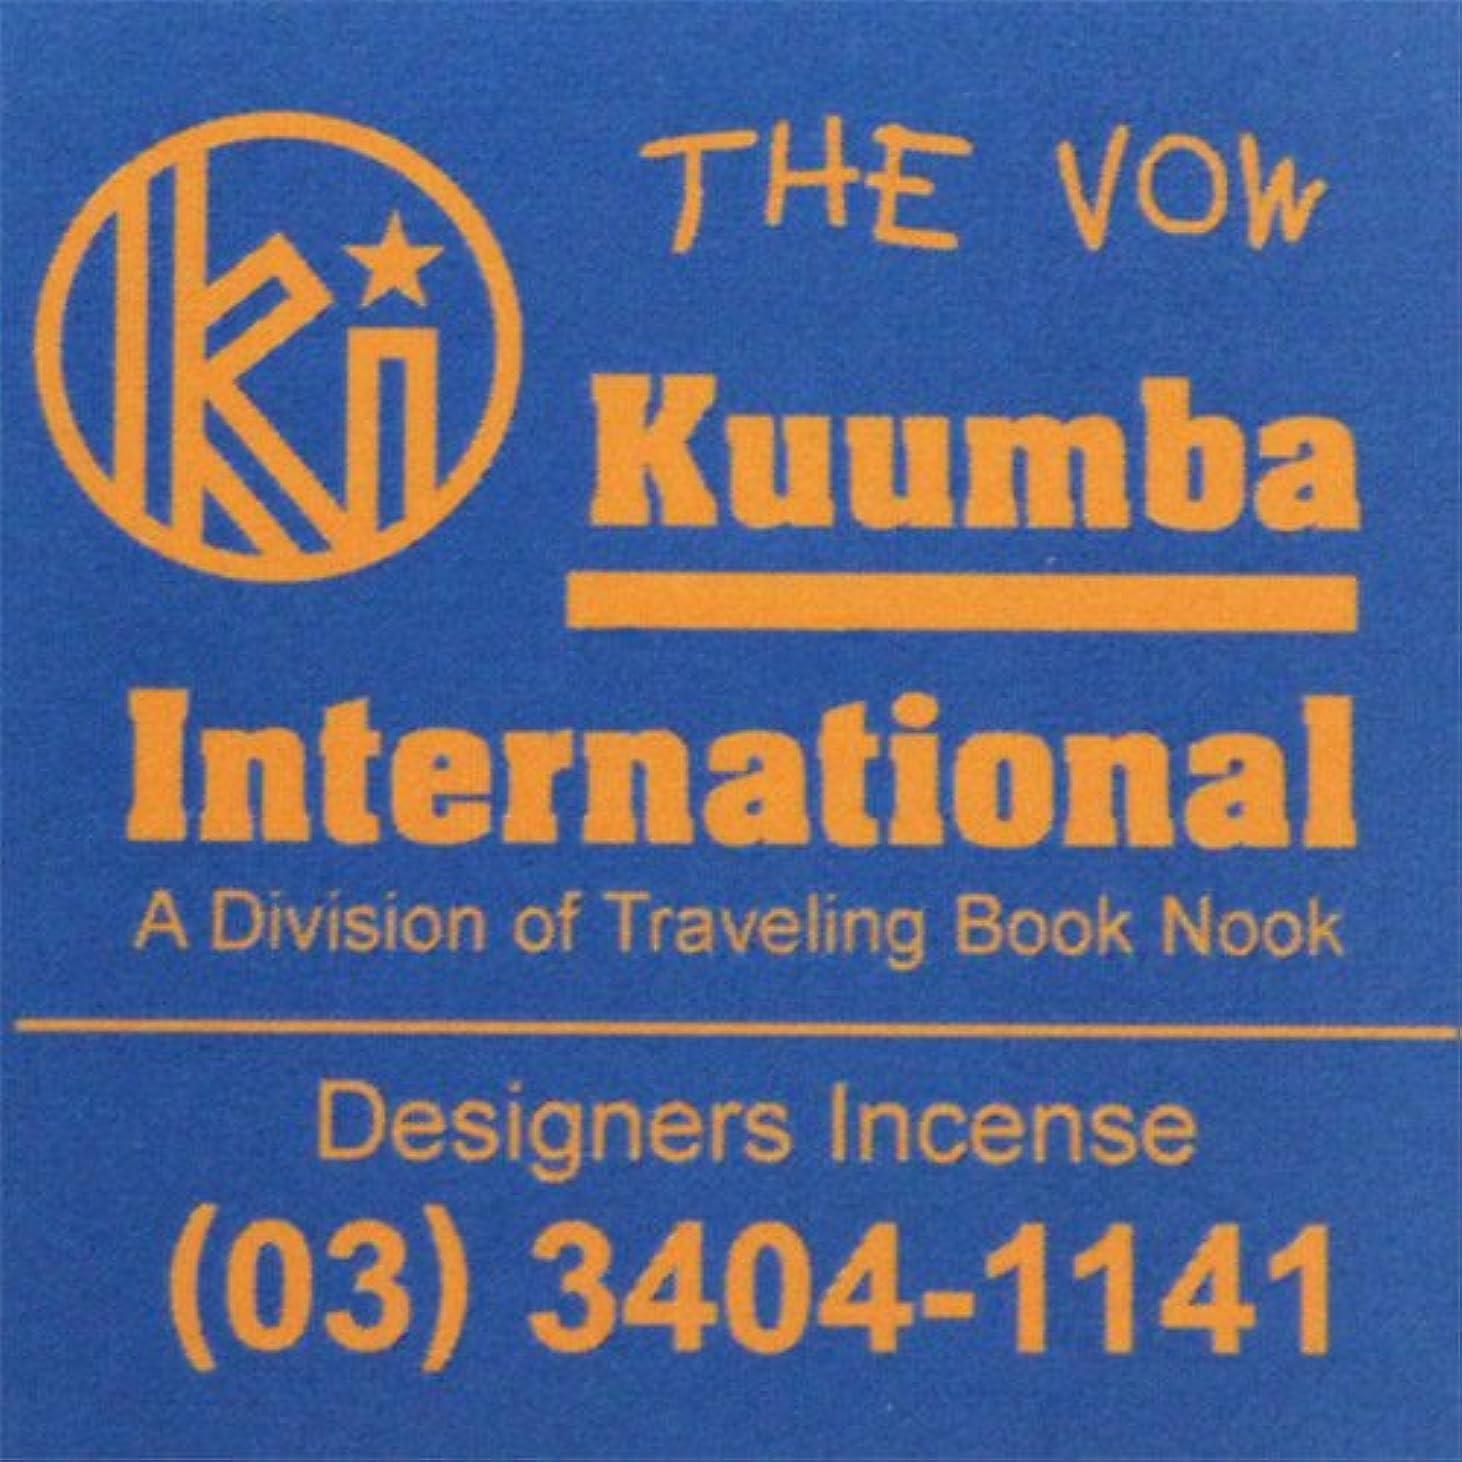 ハイジャック苦しむ頭蓋骨KUUMBA / クンバ『incense』(THE VOW) (Regular size)